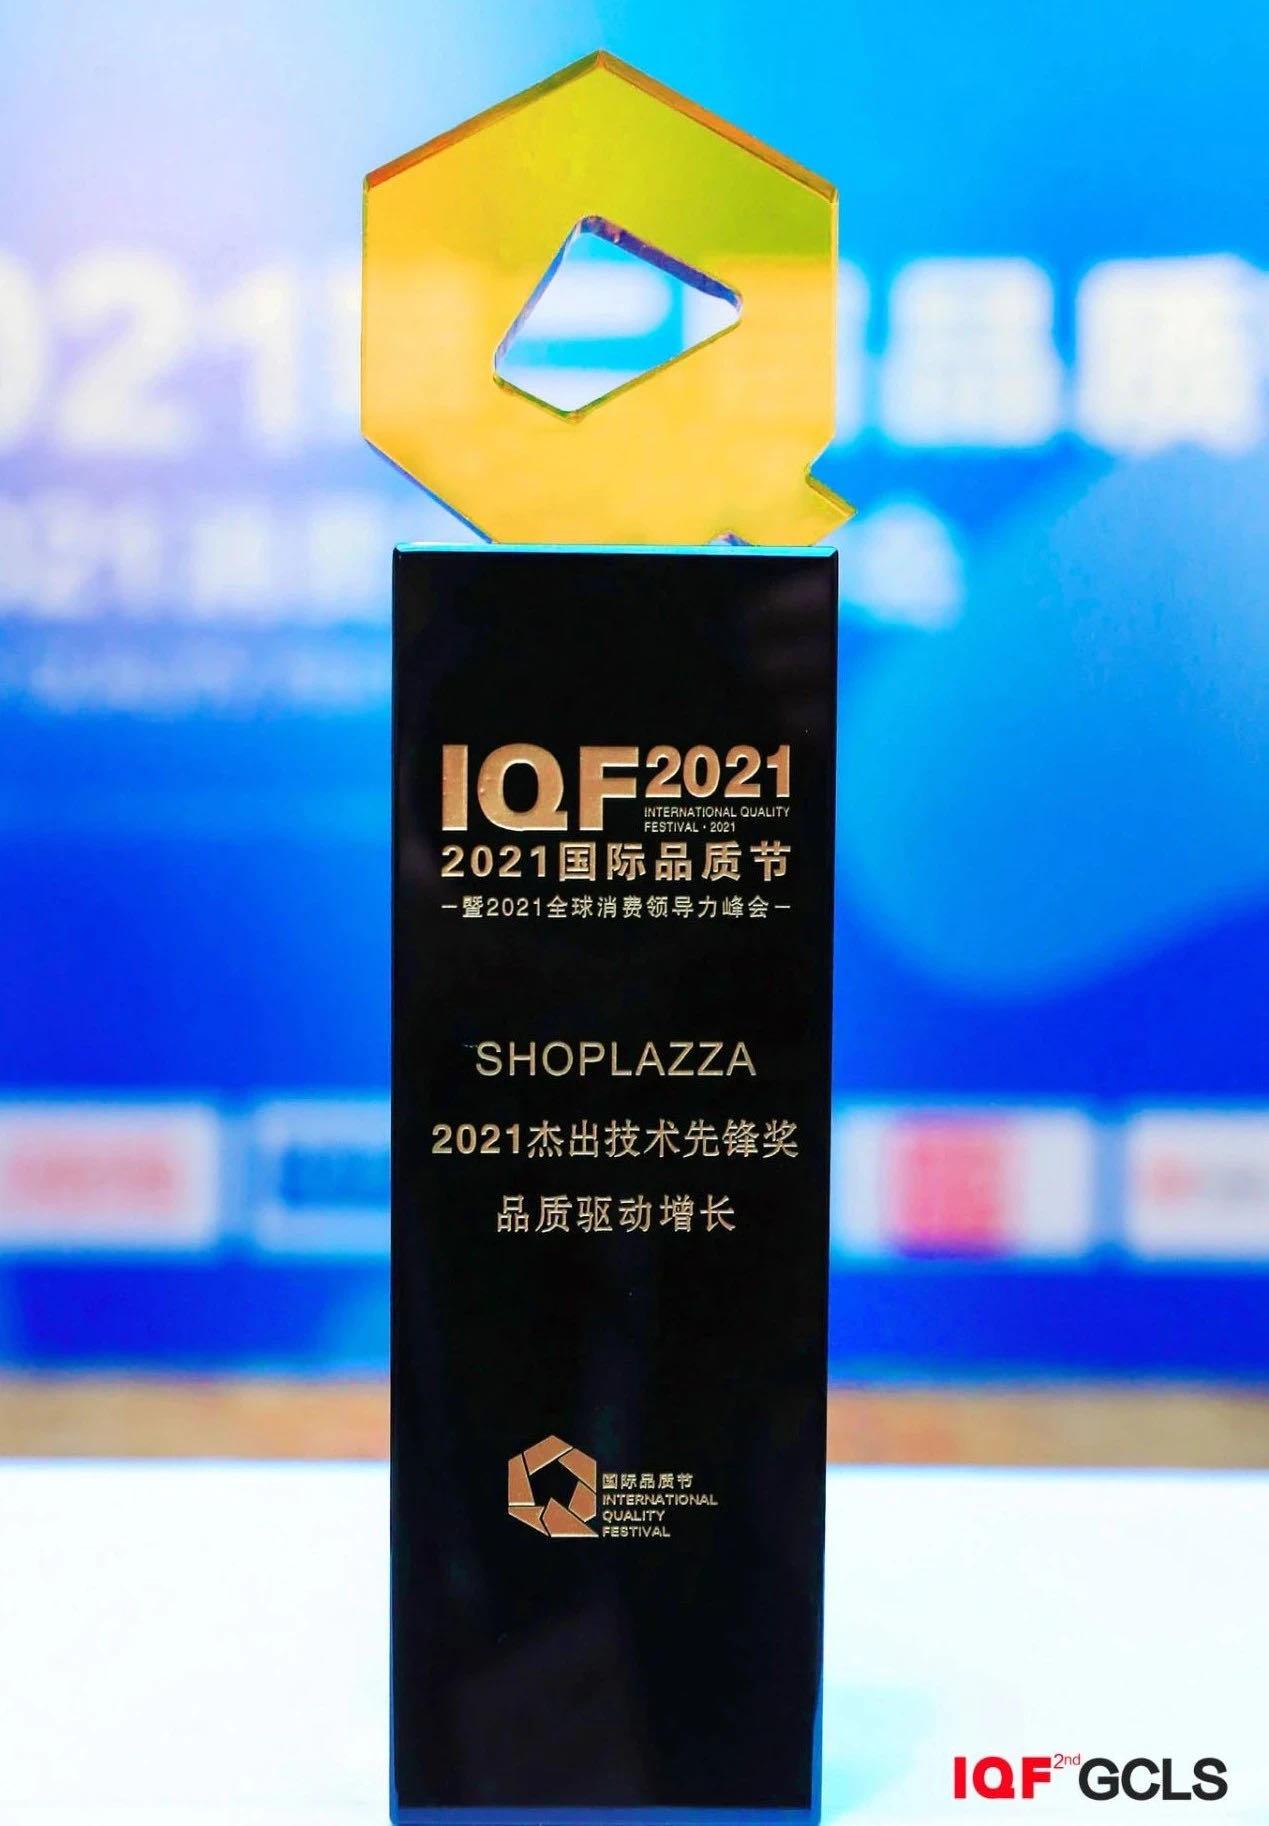 店匠SHOPLAZZA 获得了由 IQF 颁发的2021 杰出技术先锋奖项